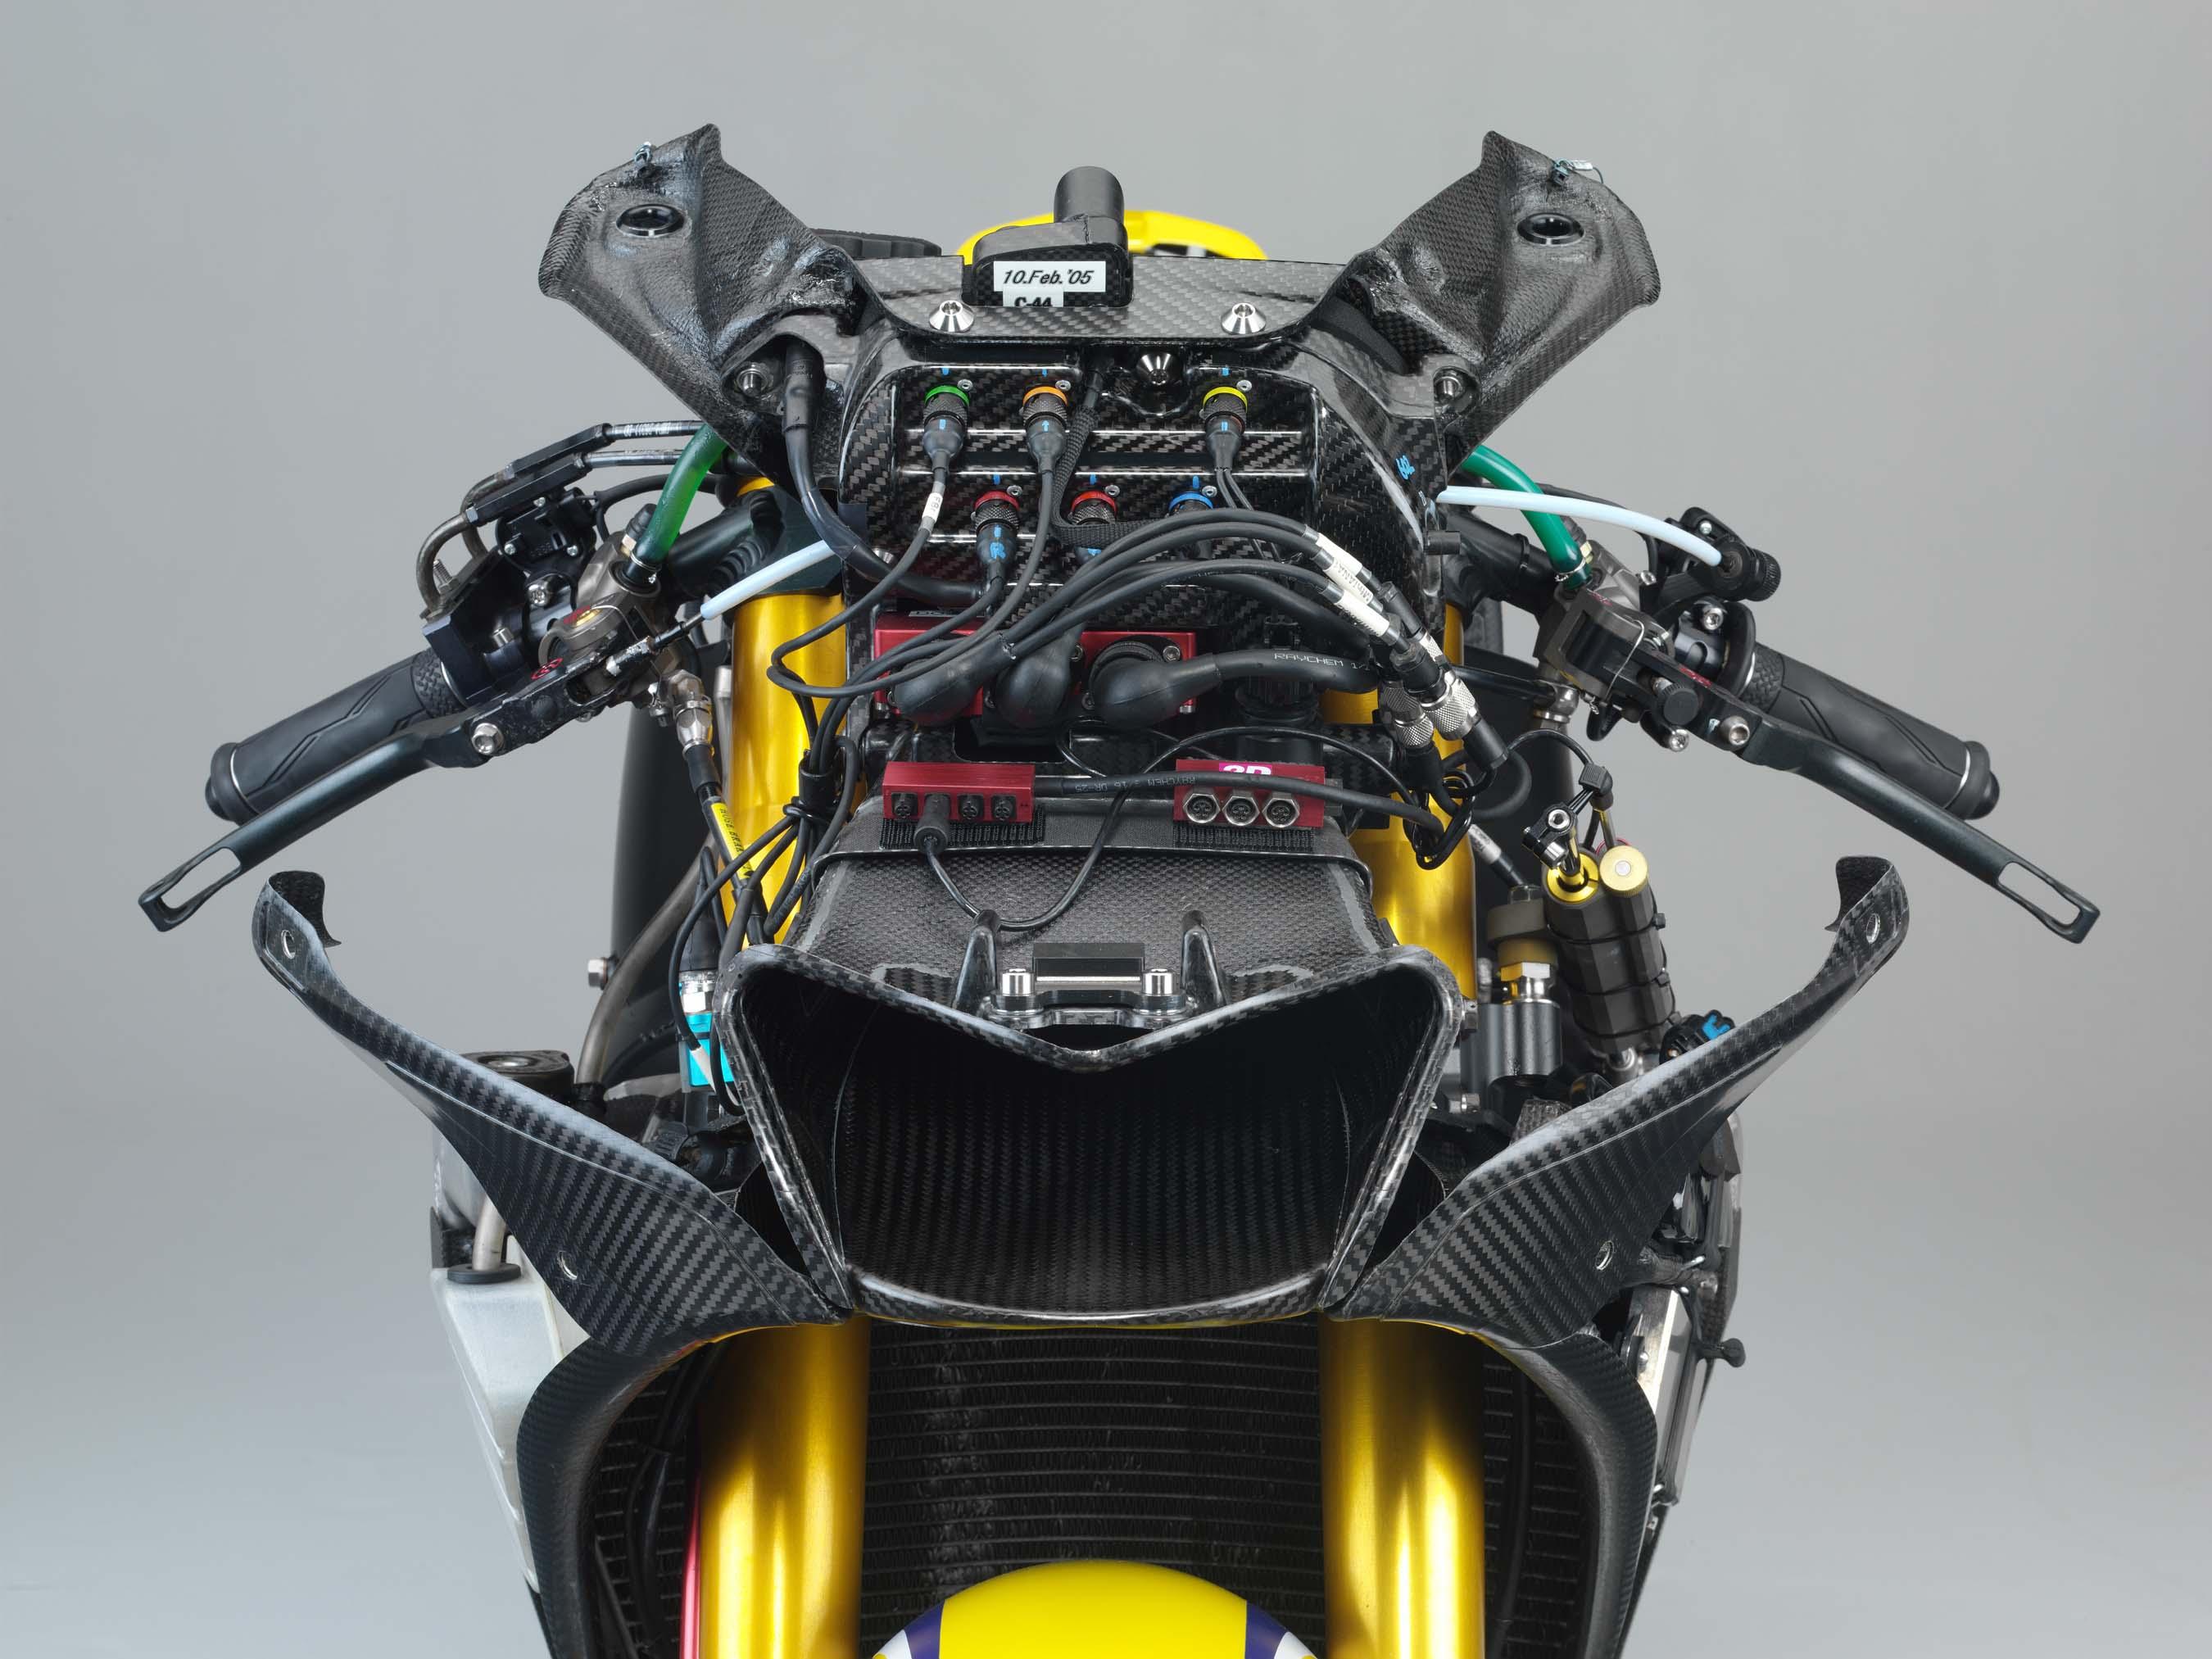 Yamaha M1 Valentino-Rossi-2006-Yamaha-YZR-M1-hi-res-15